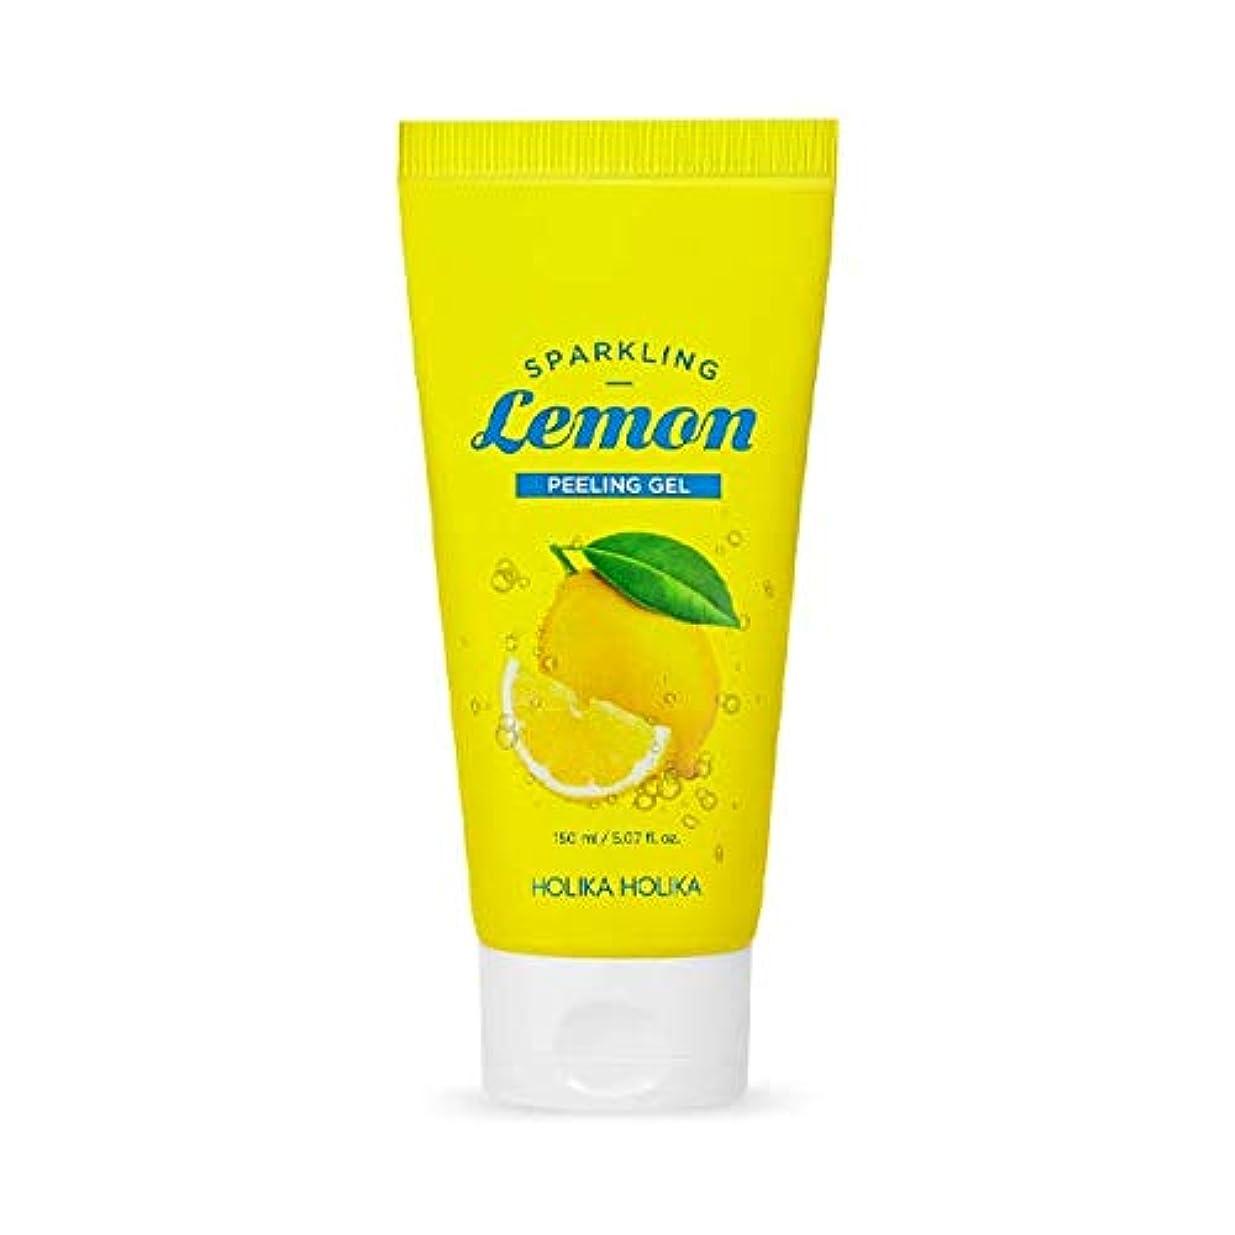 区別するアベニュー啓示ホリカホリカ 炭酸レモンピーリングジェル/HOLIKA Sparkling Lemon Peeling Gel 150ml 韓国コスメ [並行輸入品]